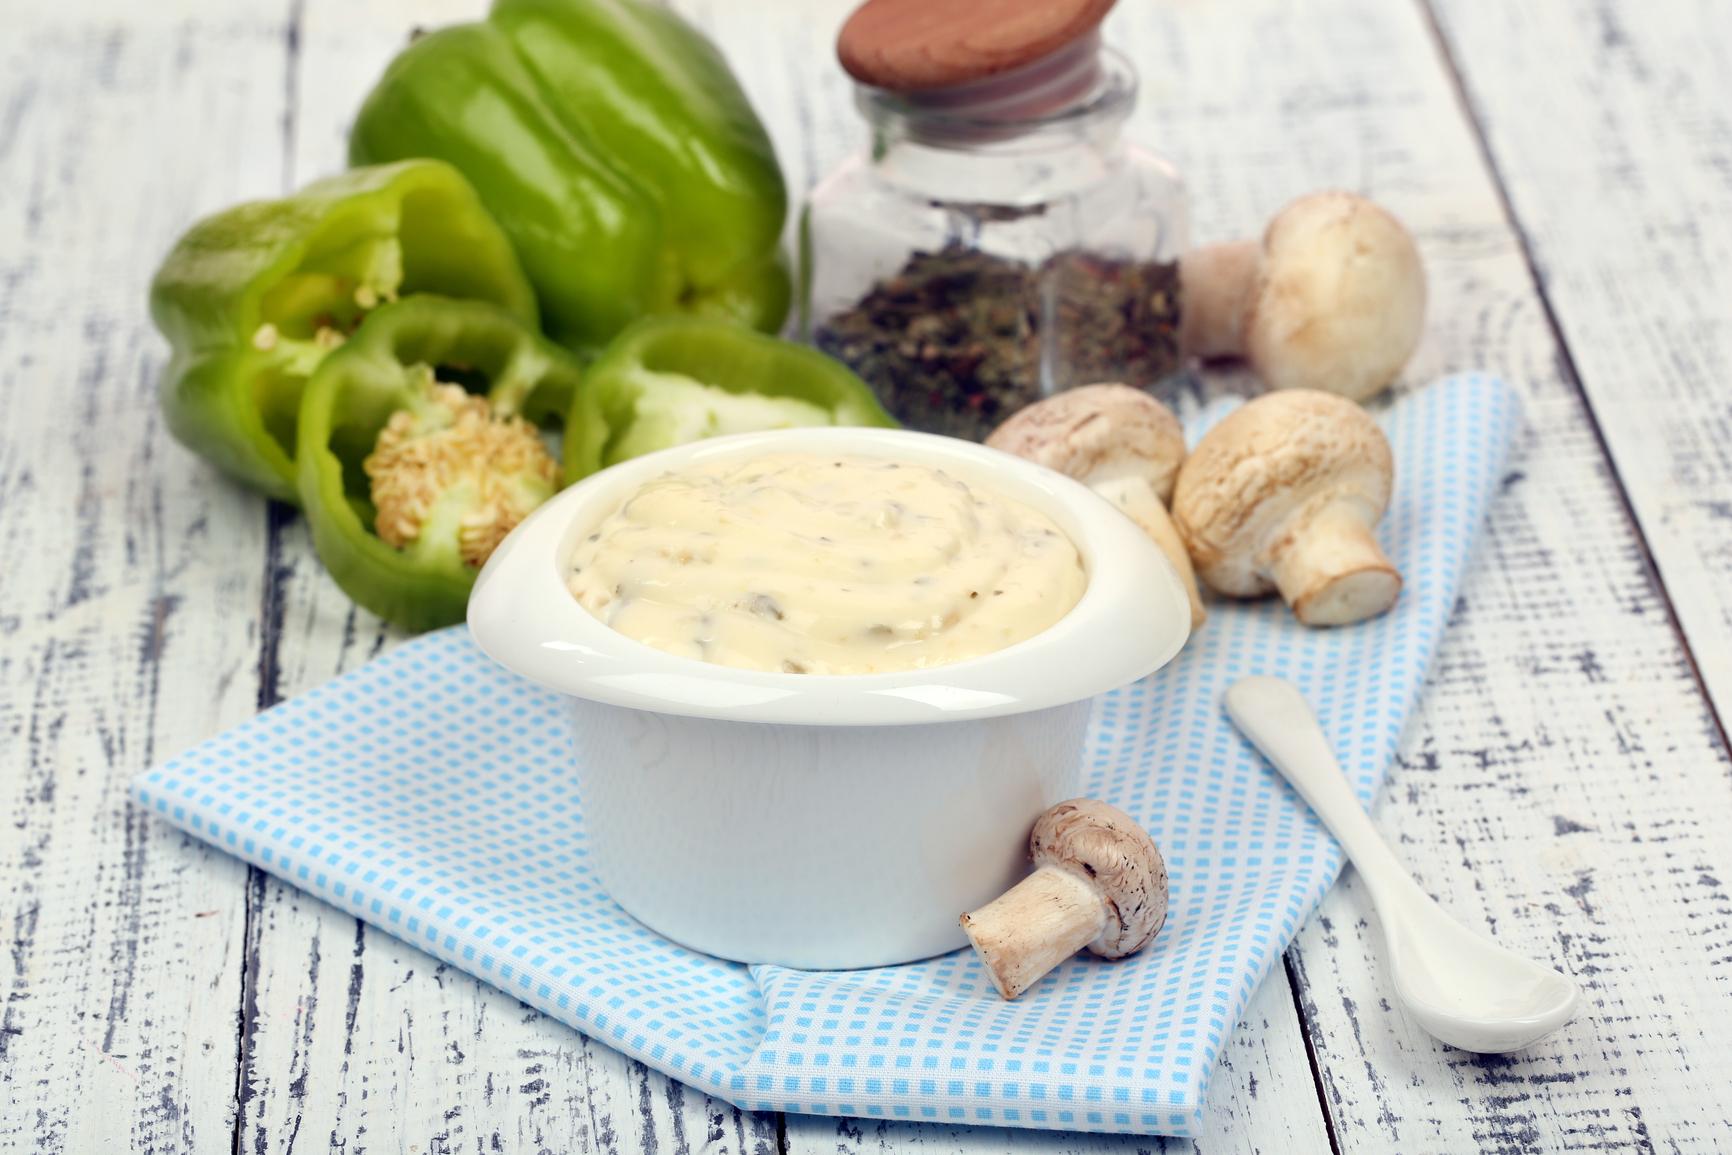 Рецепт сливочный соус из шампиньонов рецепт